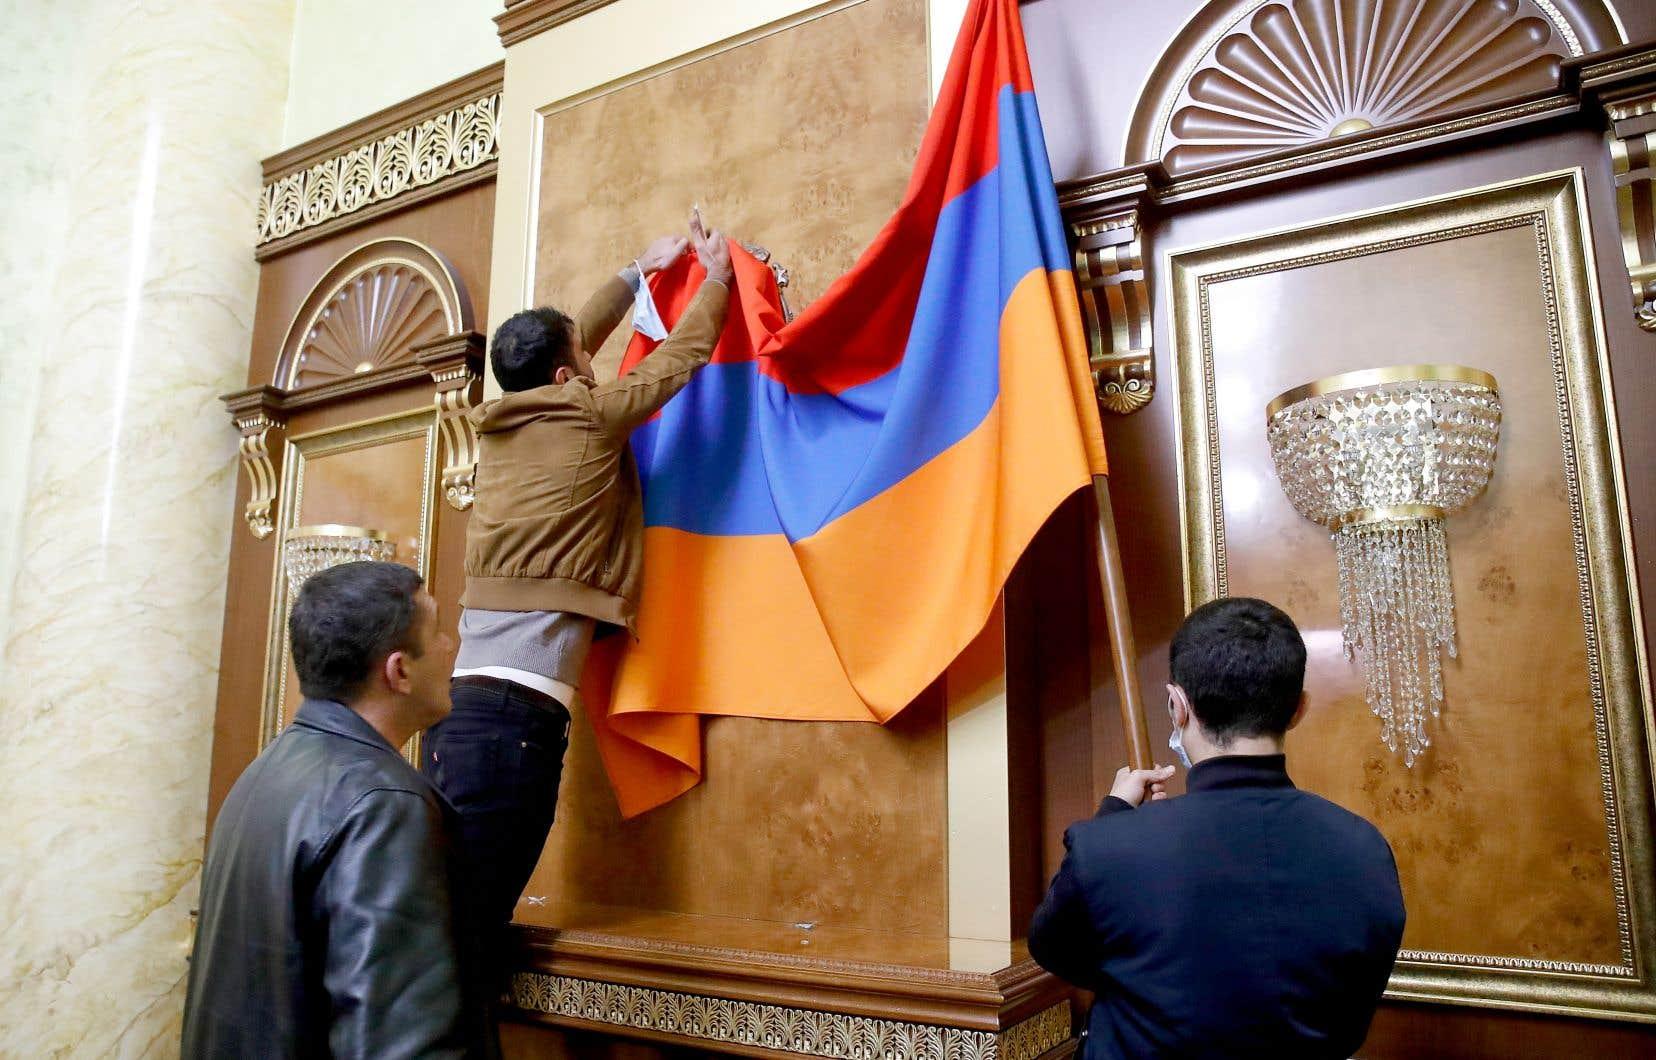 Des gens installaient un drapeau arménien au siège du gouvernement à Erevan, lundi, protestant contre l'entente qui met fin au conflit dans le Haut-Karabakh.